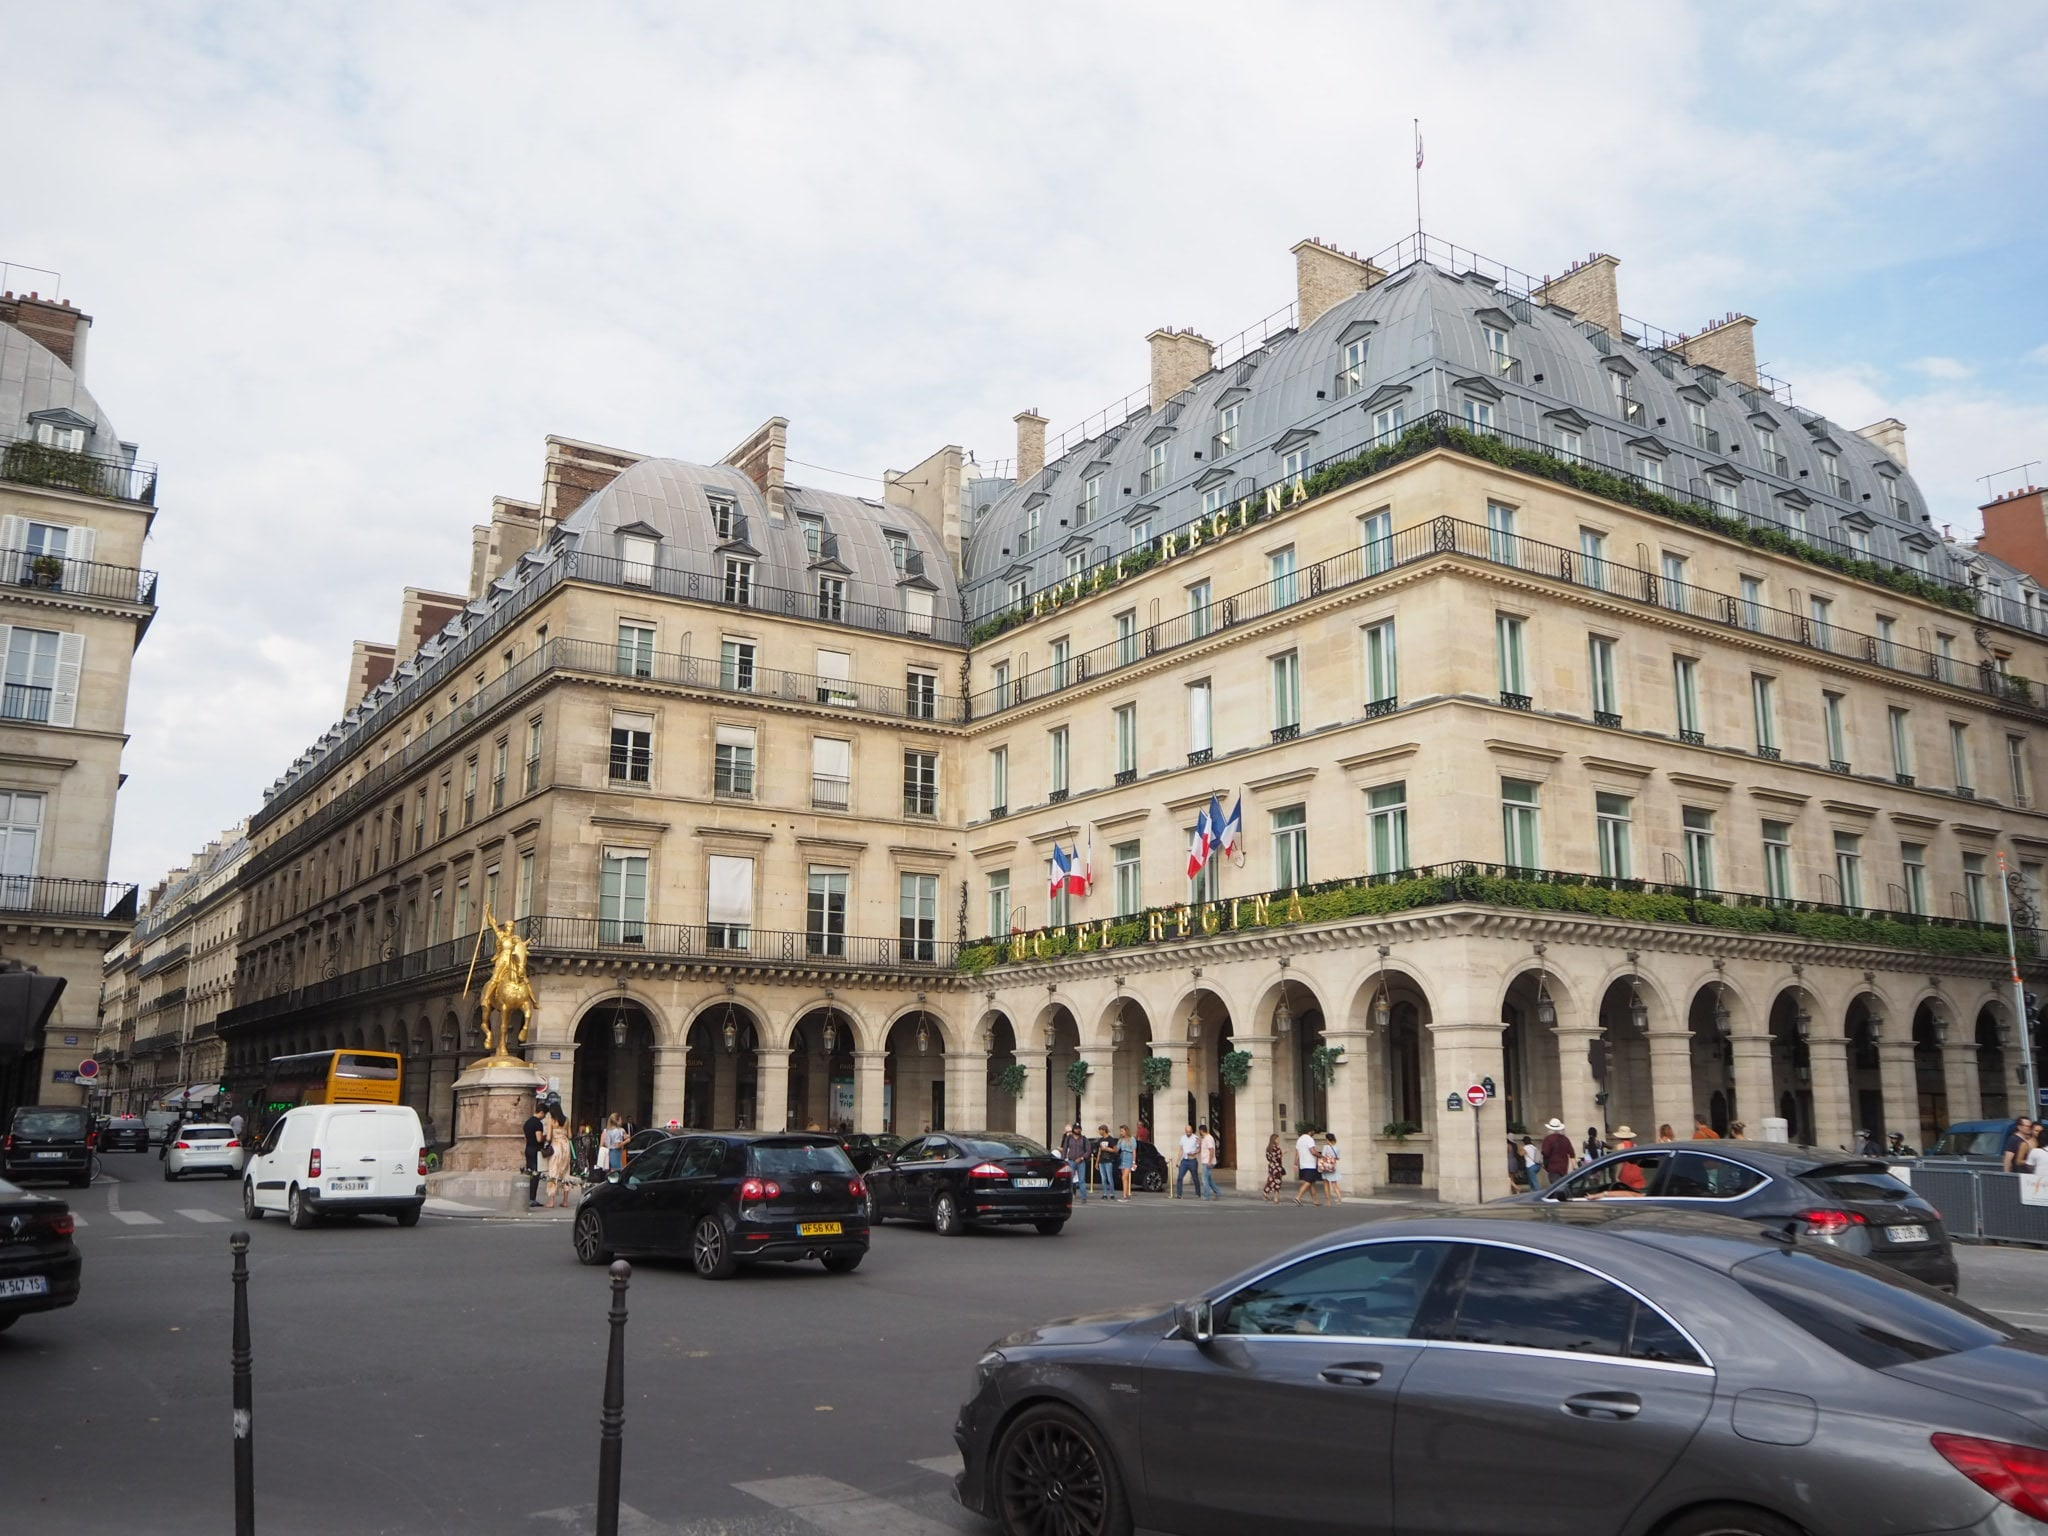 留学中は綺麗なフランスの街並みが毎日見られます